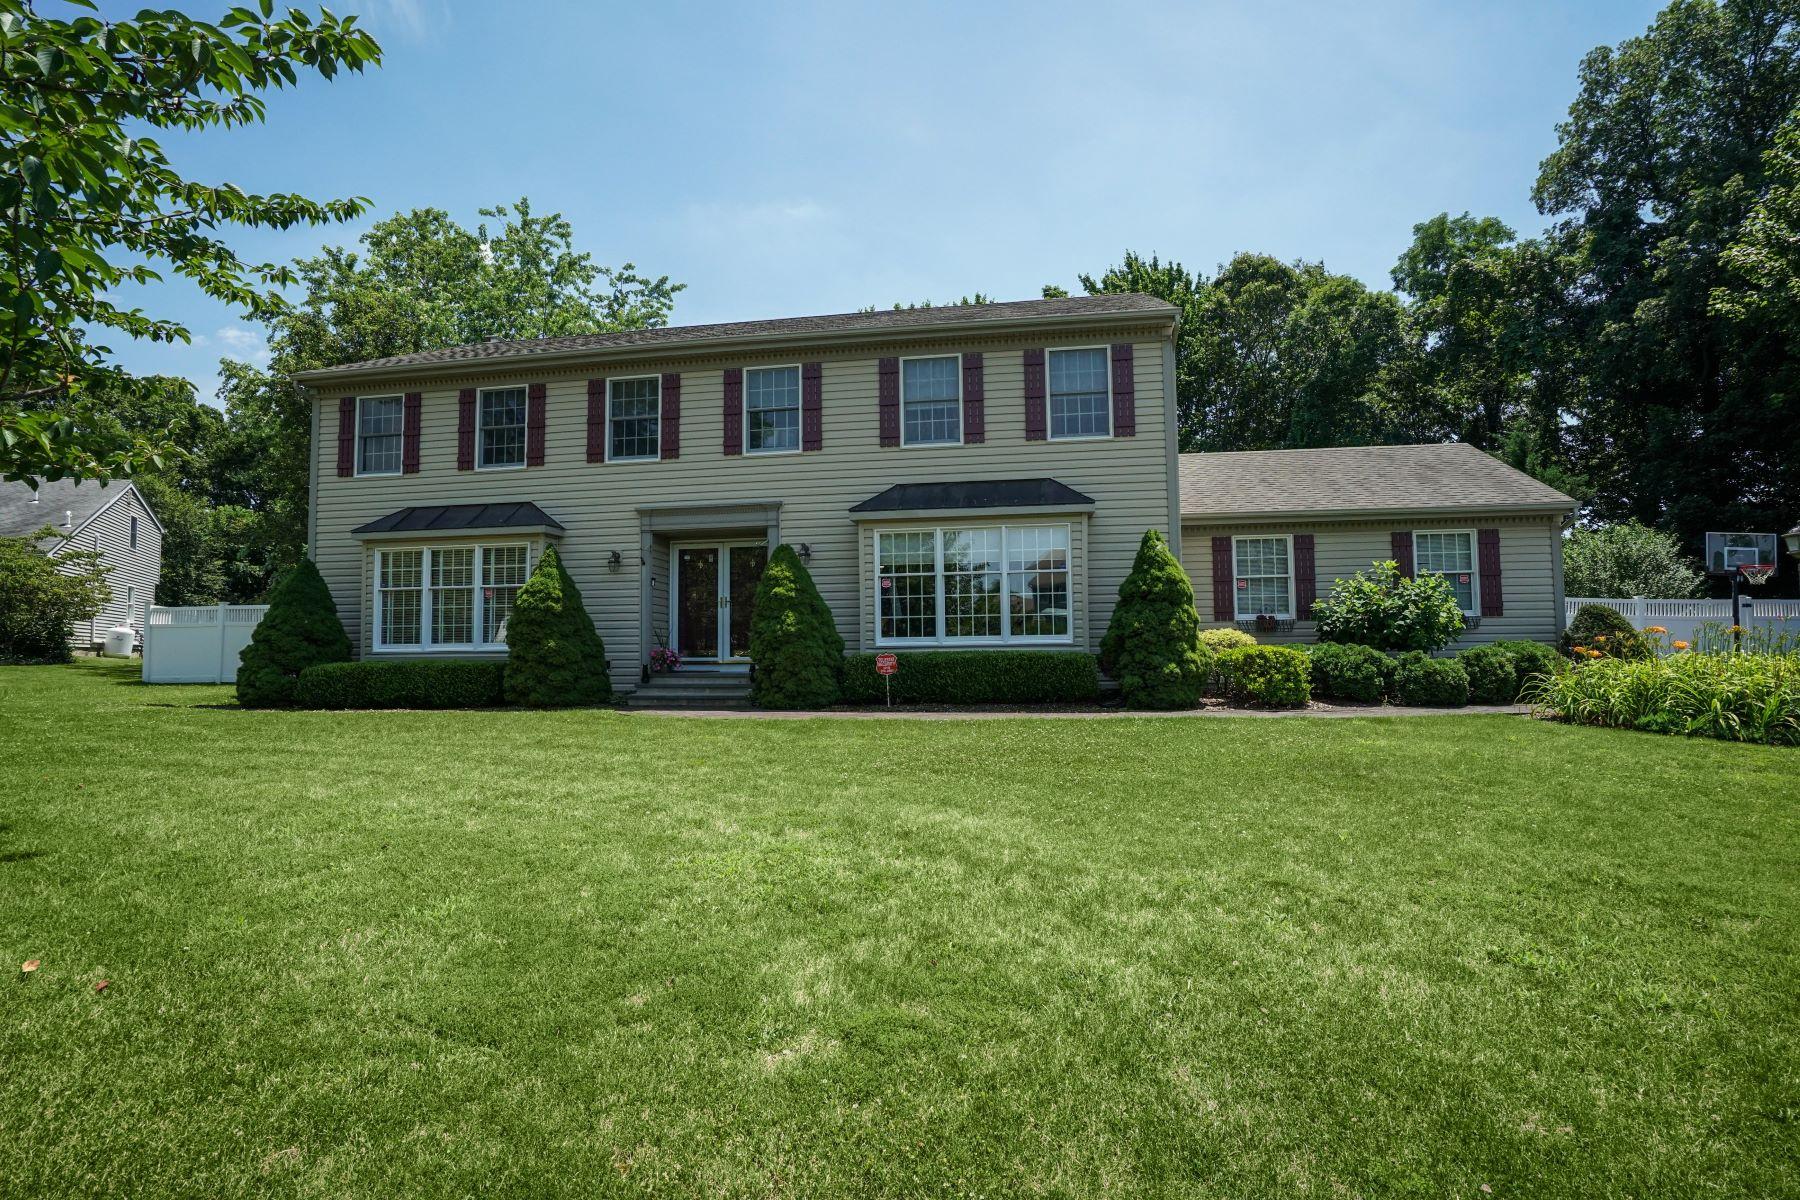 Single Family Homes for Active at E. Setauket 14 Ledgewood Cir East Setauket, New York 11733 United States